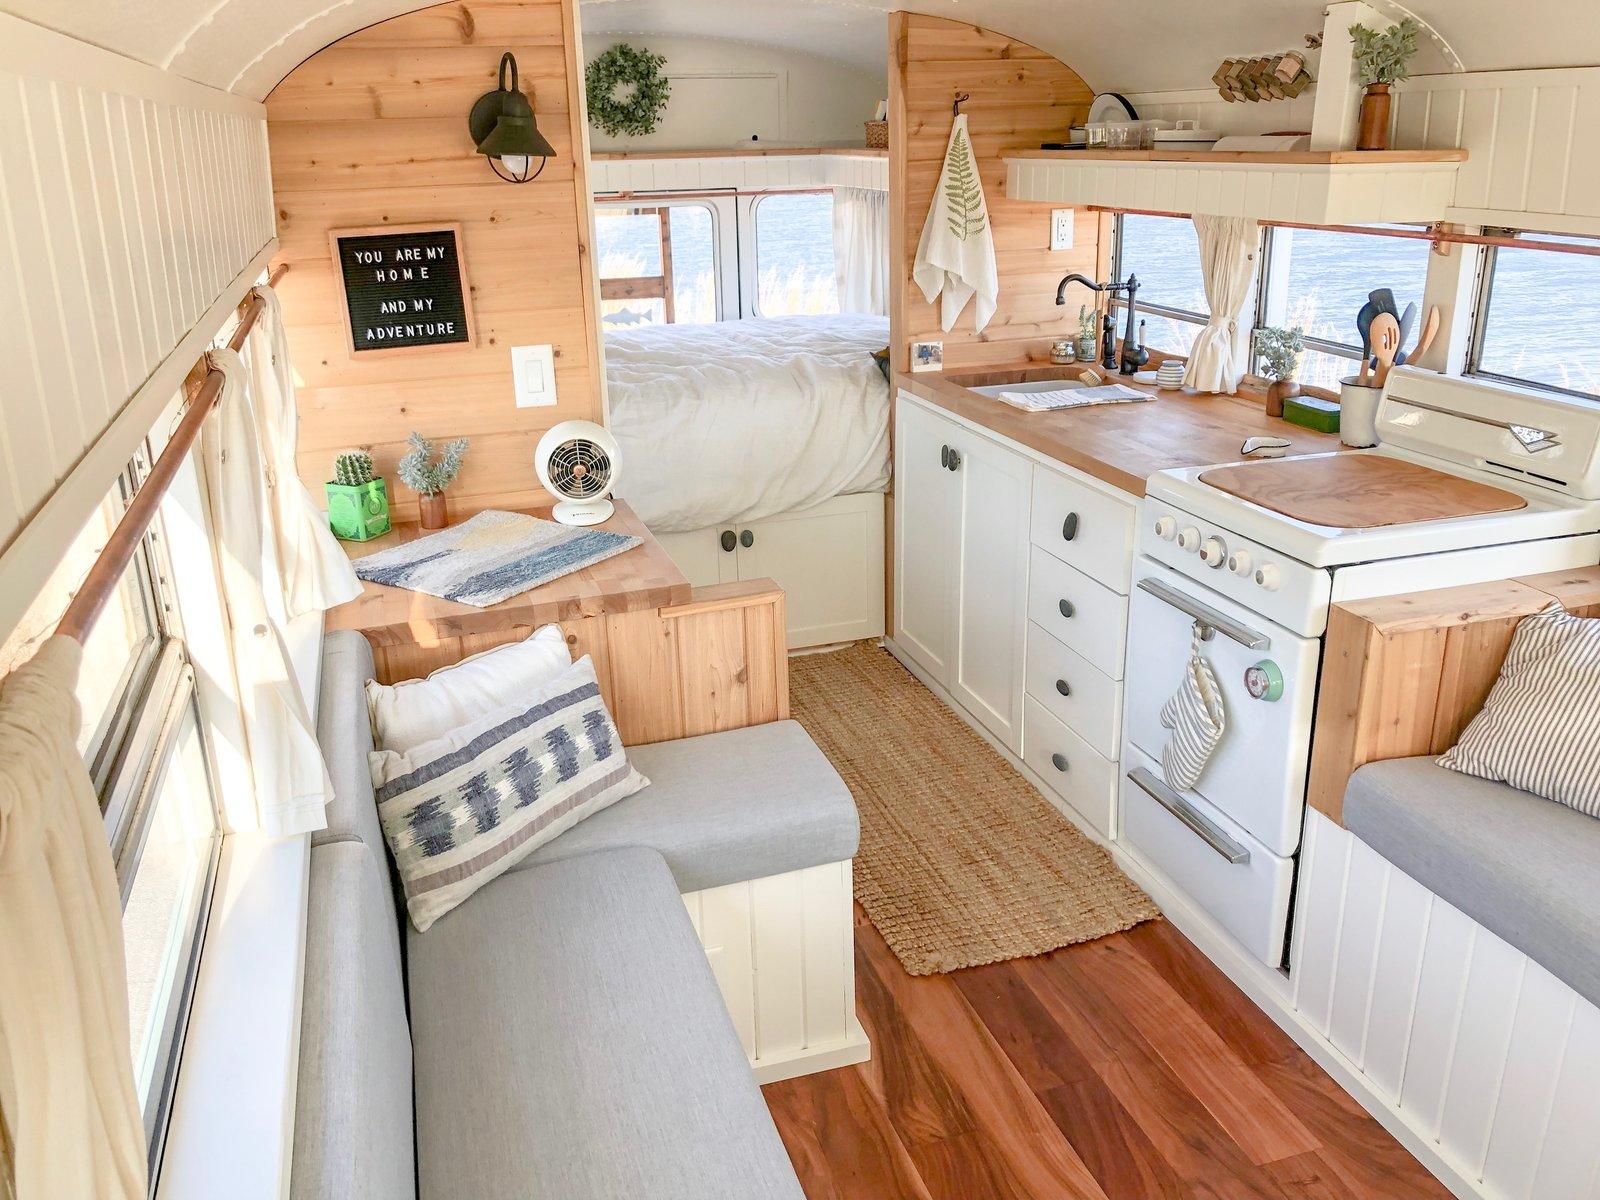 Fern the Bus Kitchen